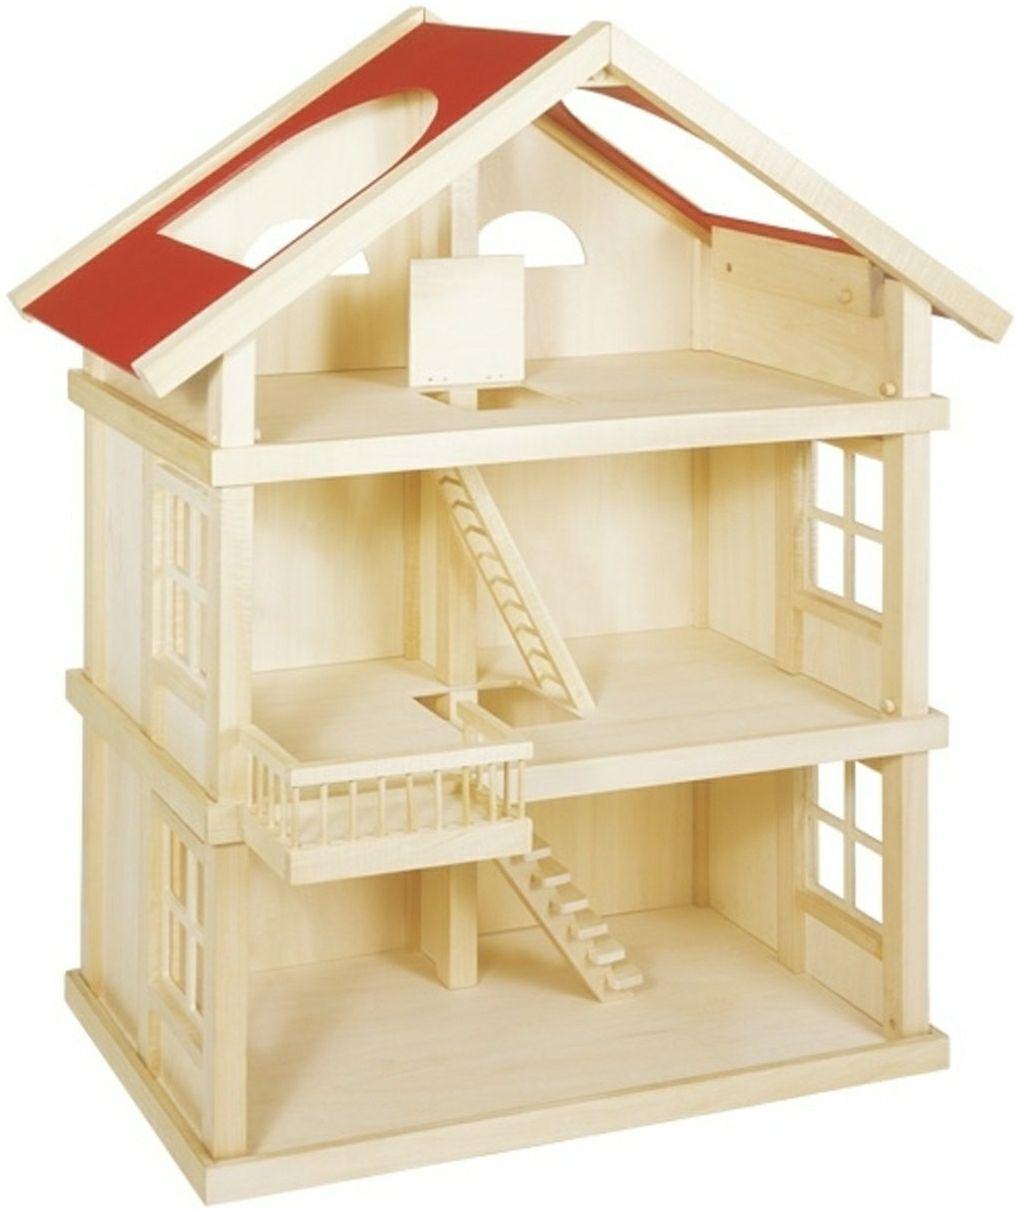 Poppenhuis: 3 etagehuis (B35xH87,5cm) @ Bol.com